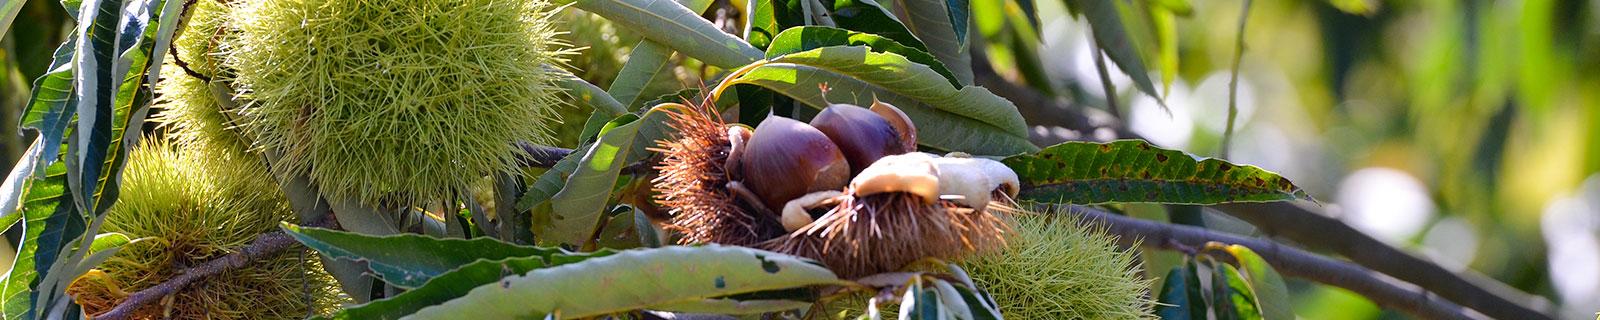 Ganne chestnut